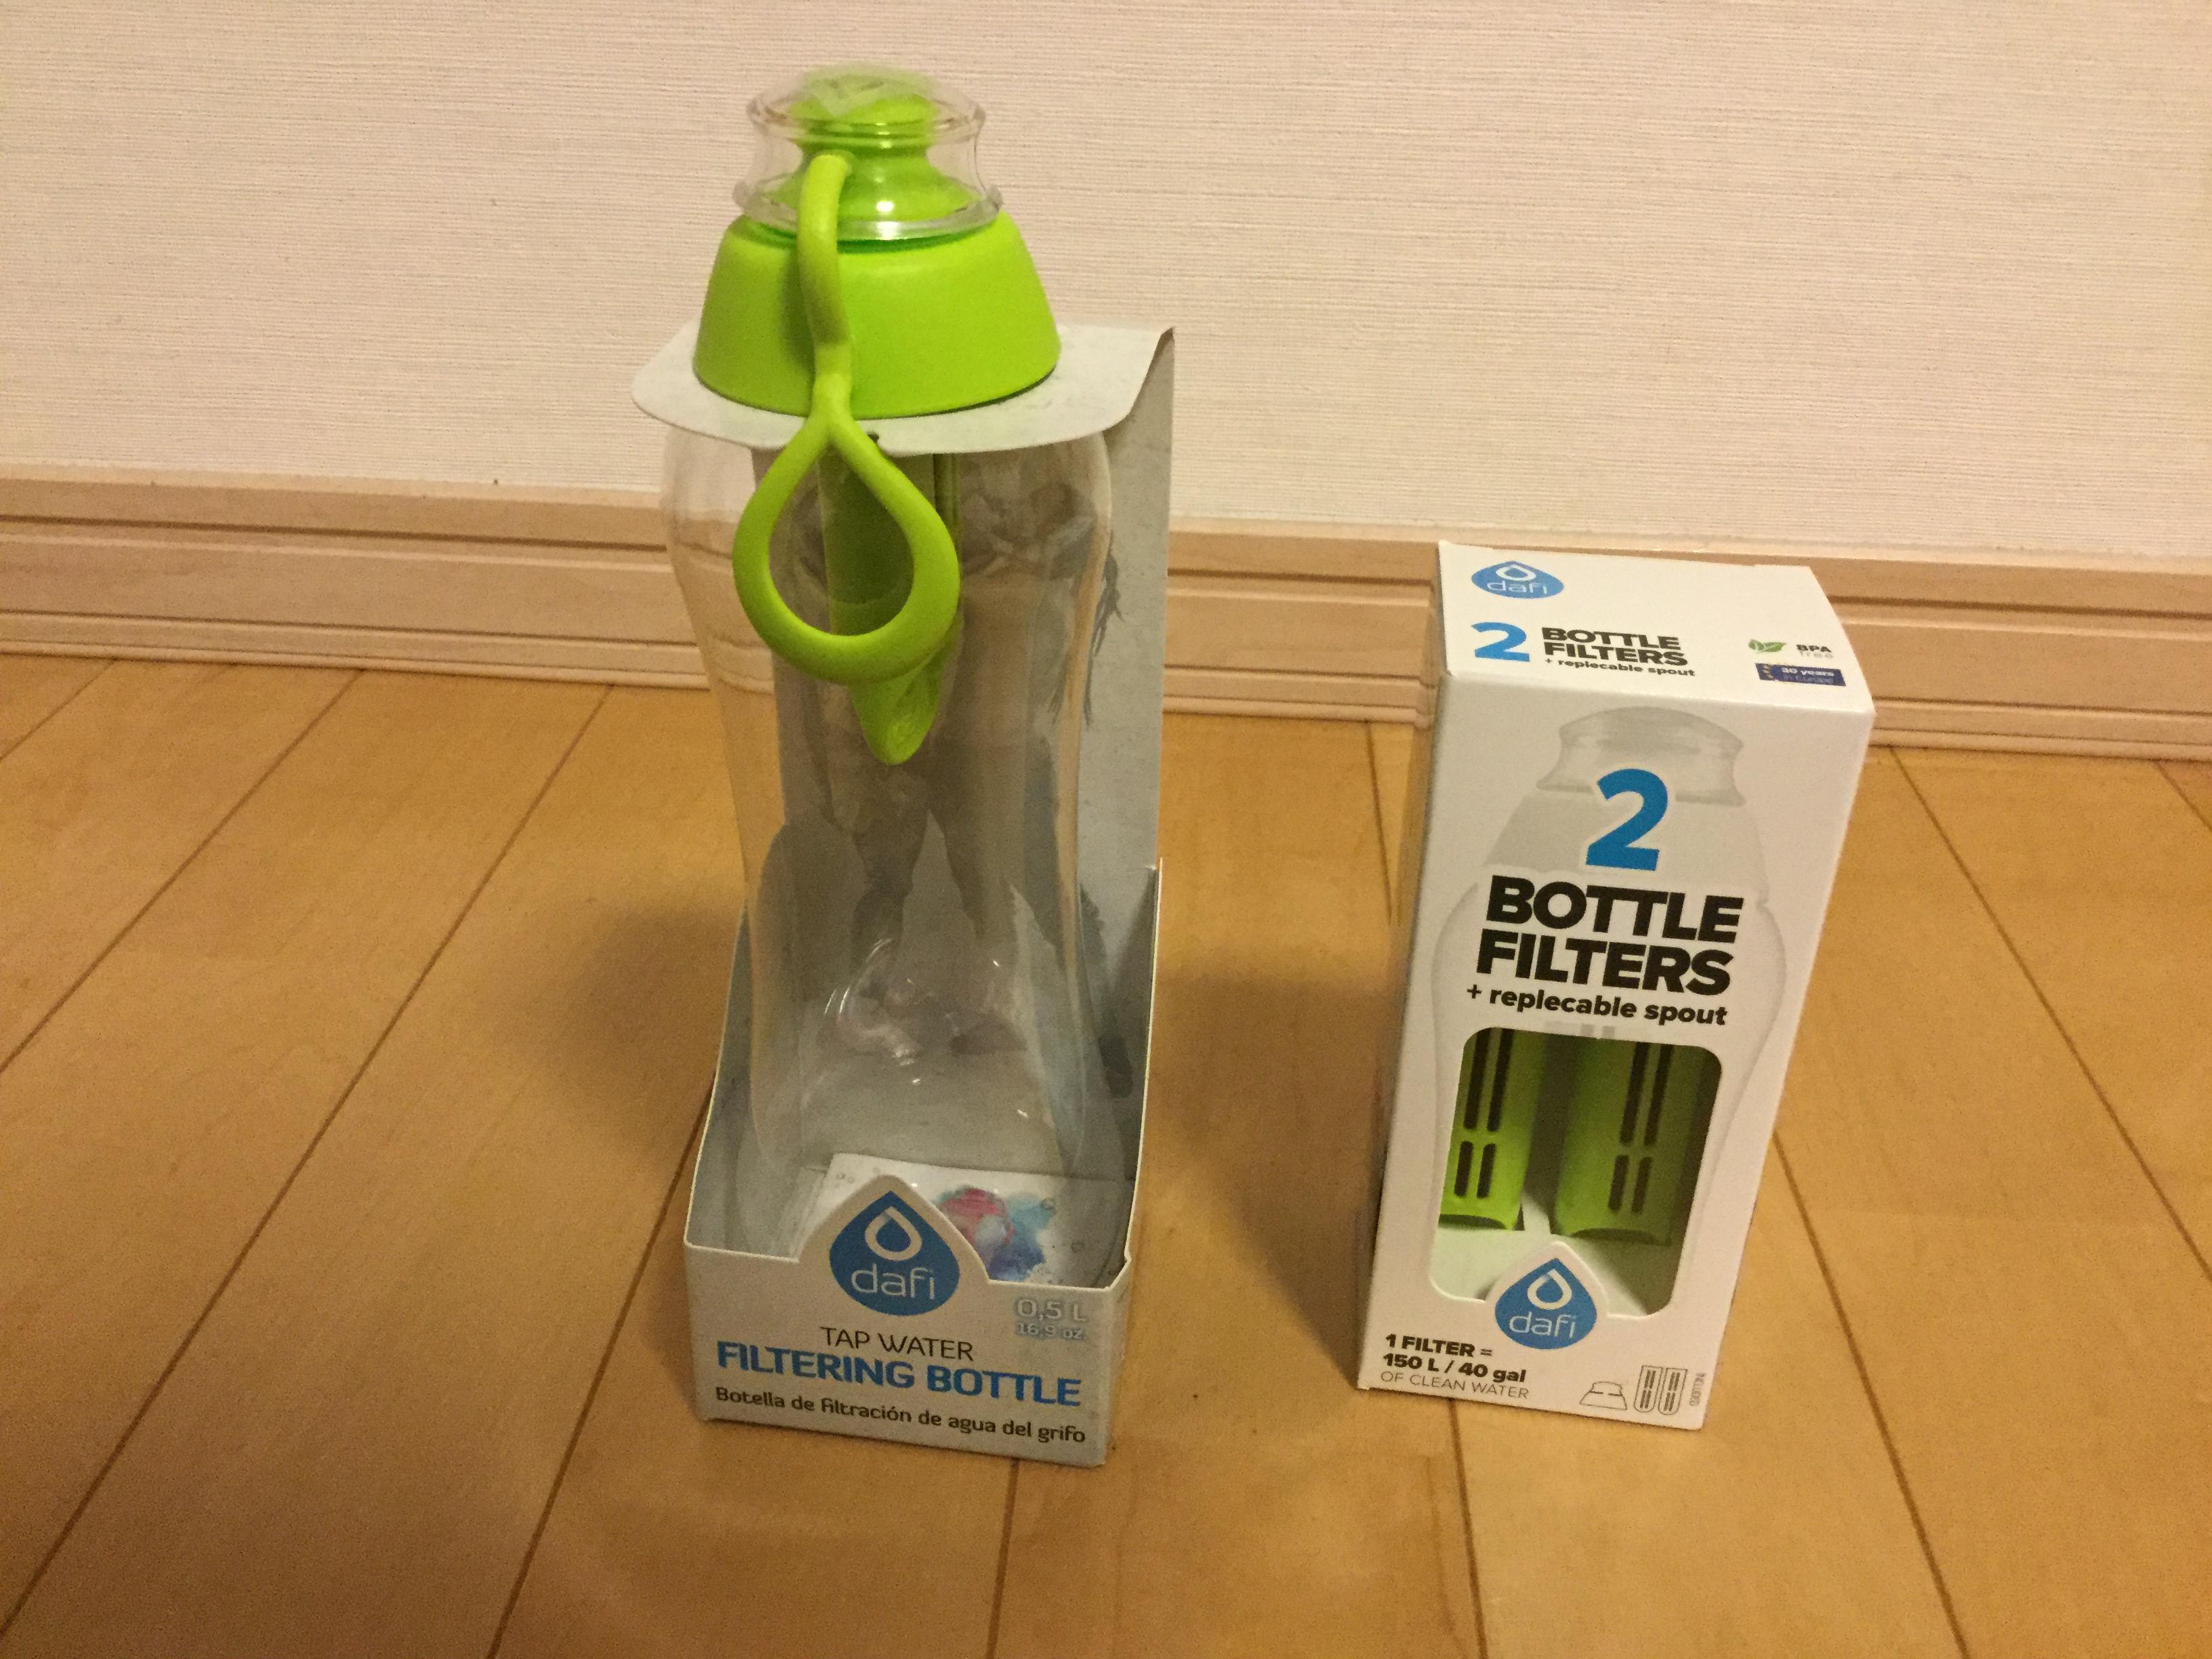 キャンプに浄水ボトルを導入してる!DAFI浄水ボトル!